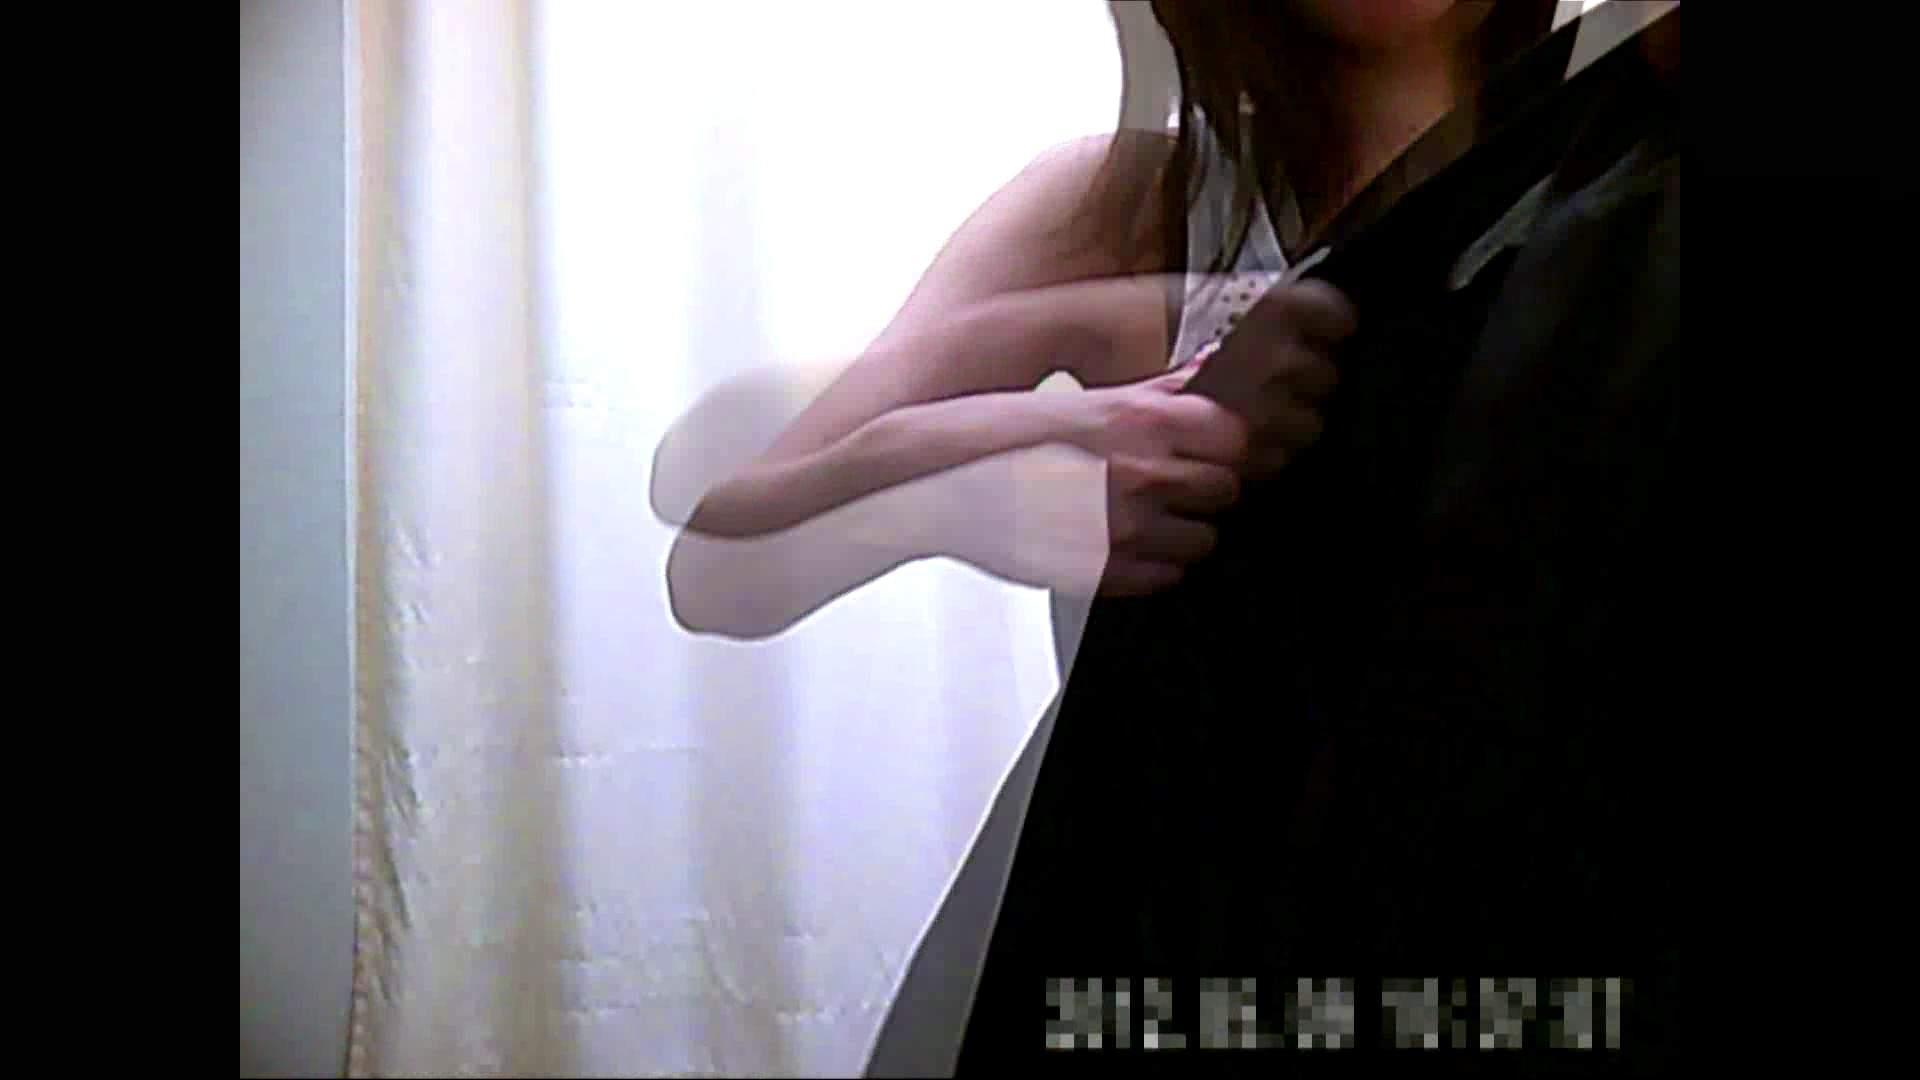 元医者による反抗 更衣室地獄絵巻 vol.002 お姉さん攻略  87画像 18